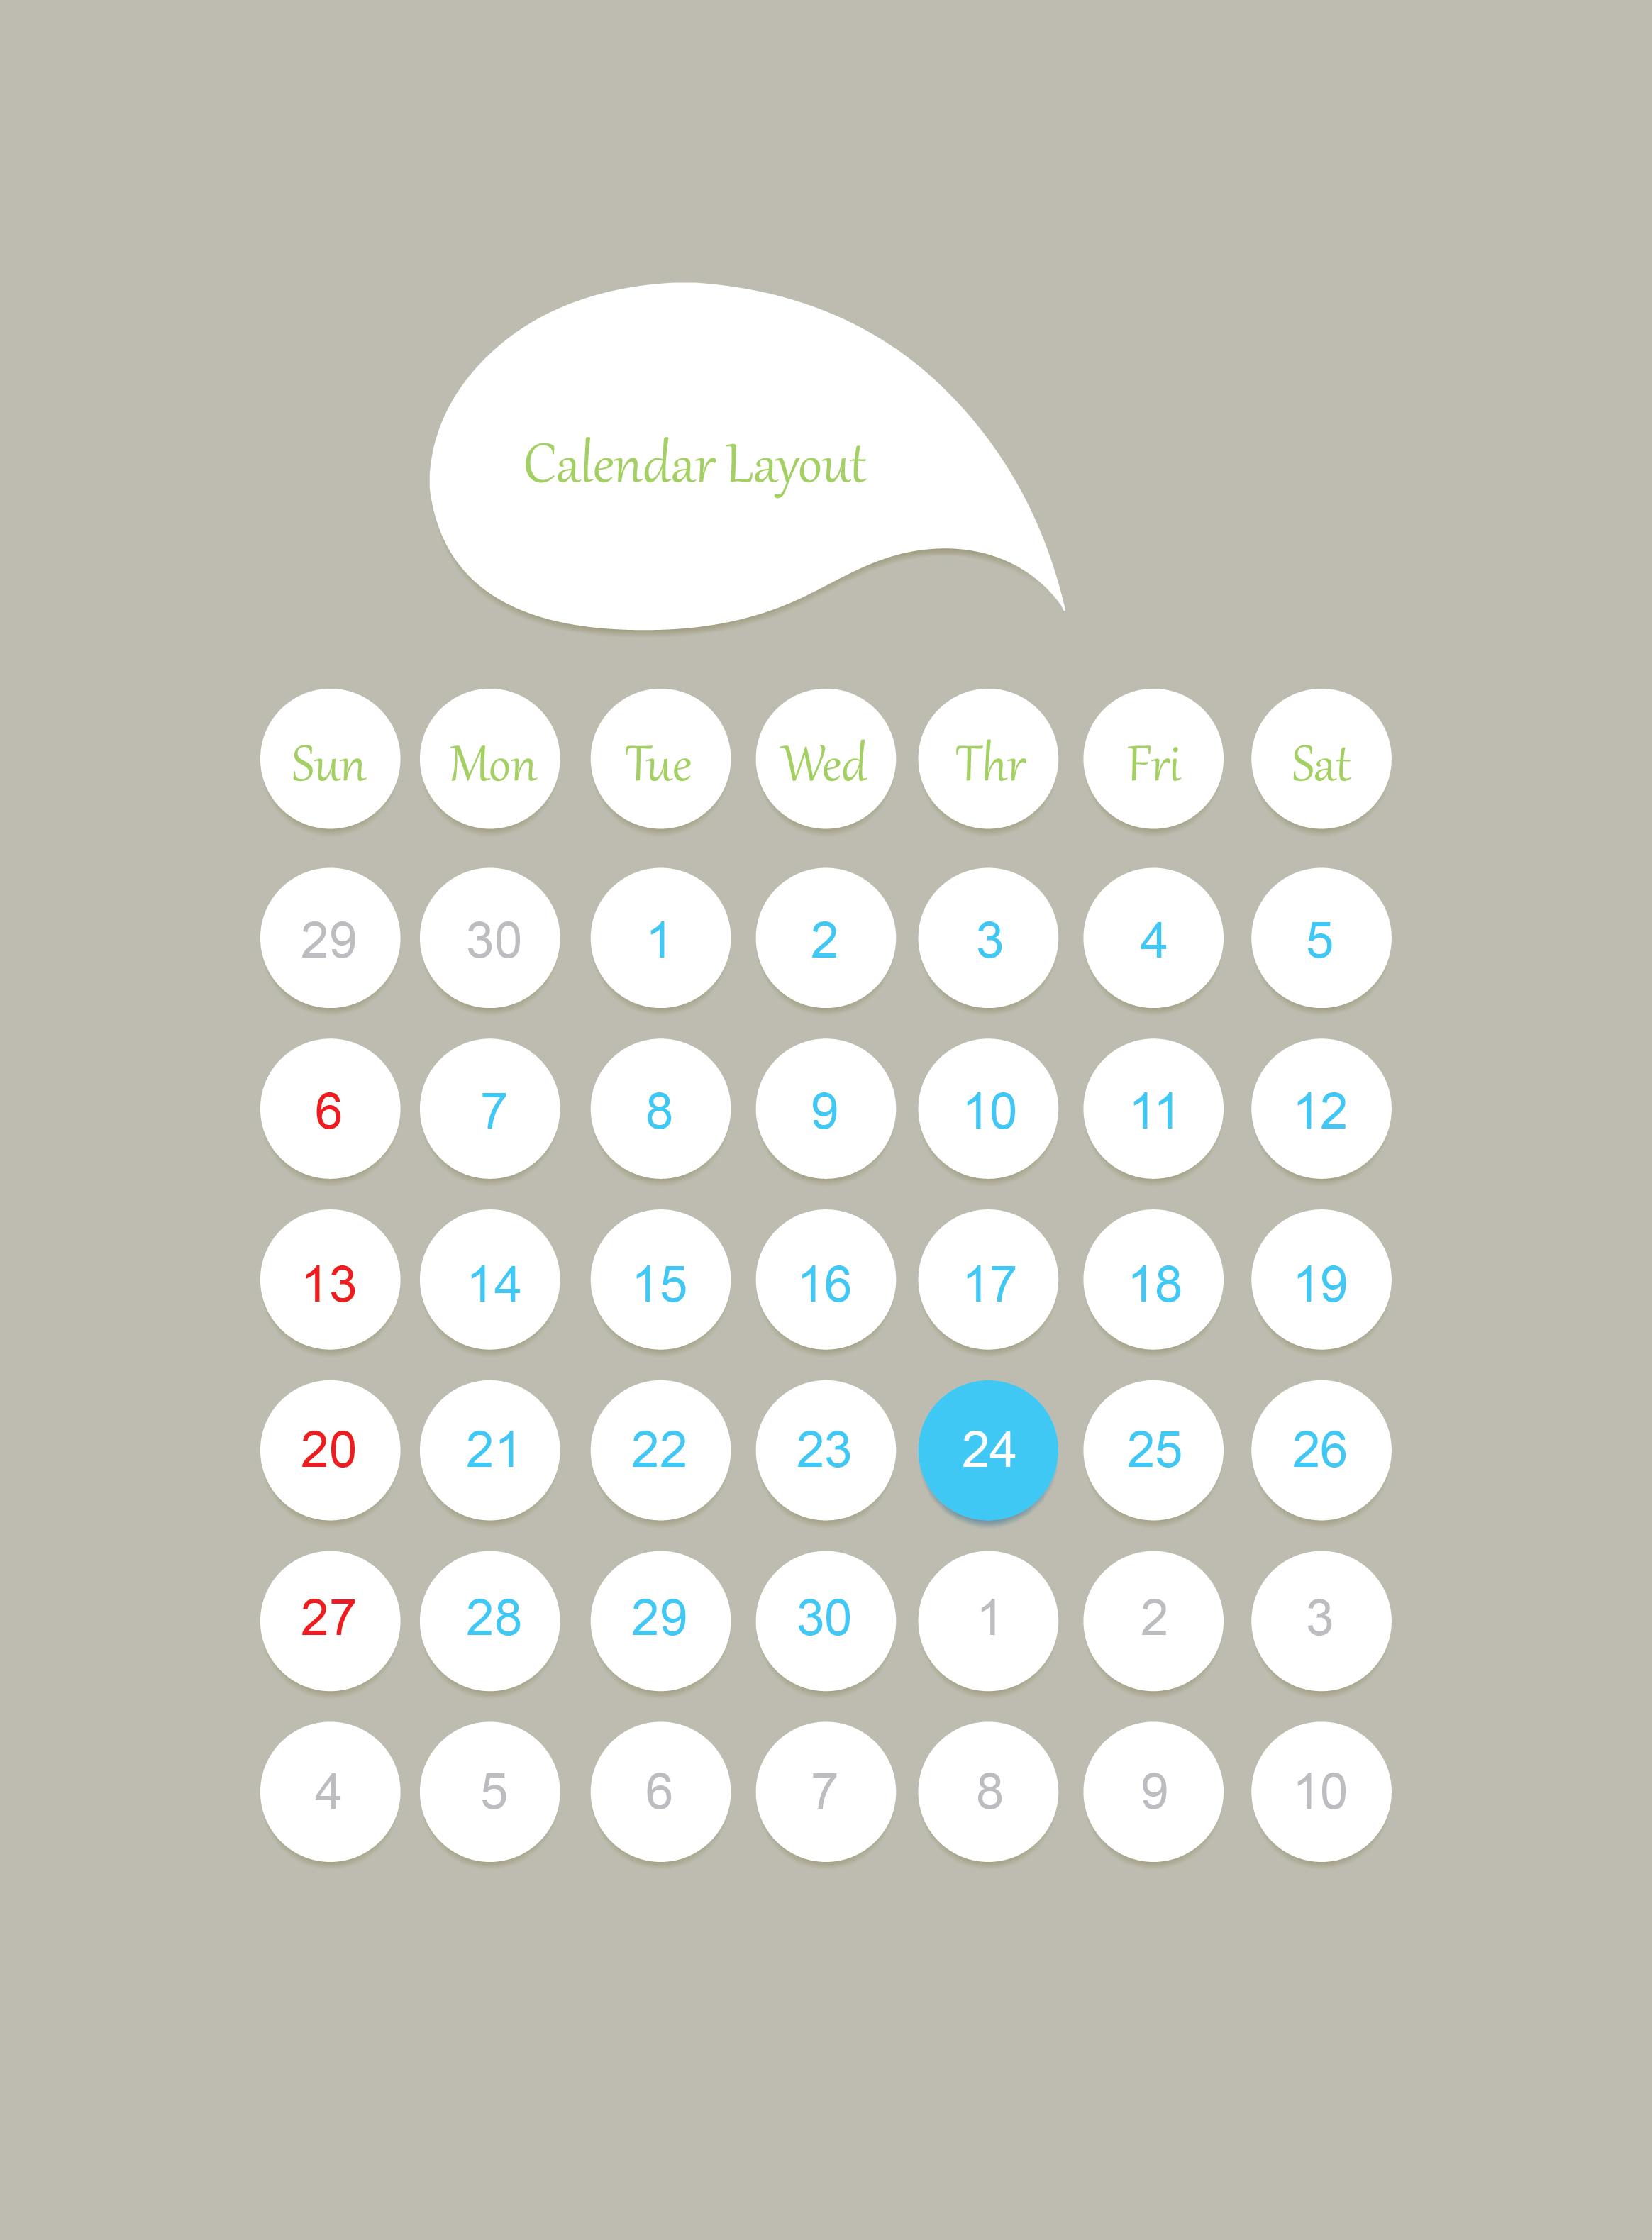 calendar layout 2